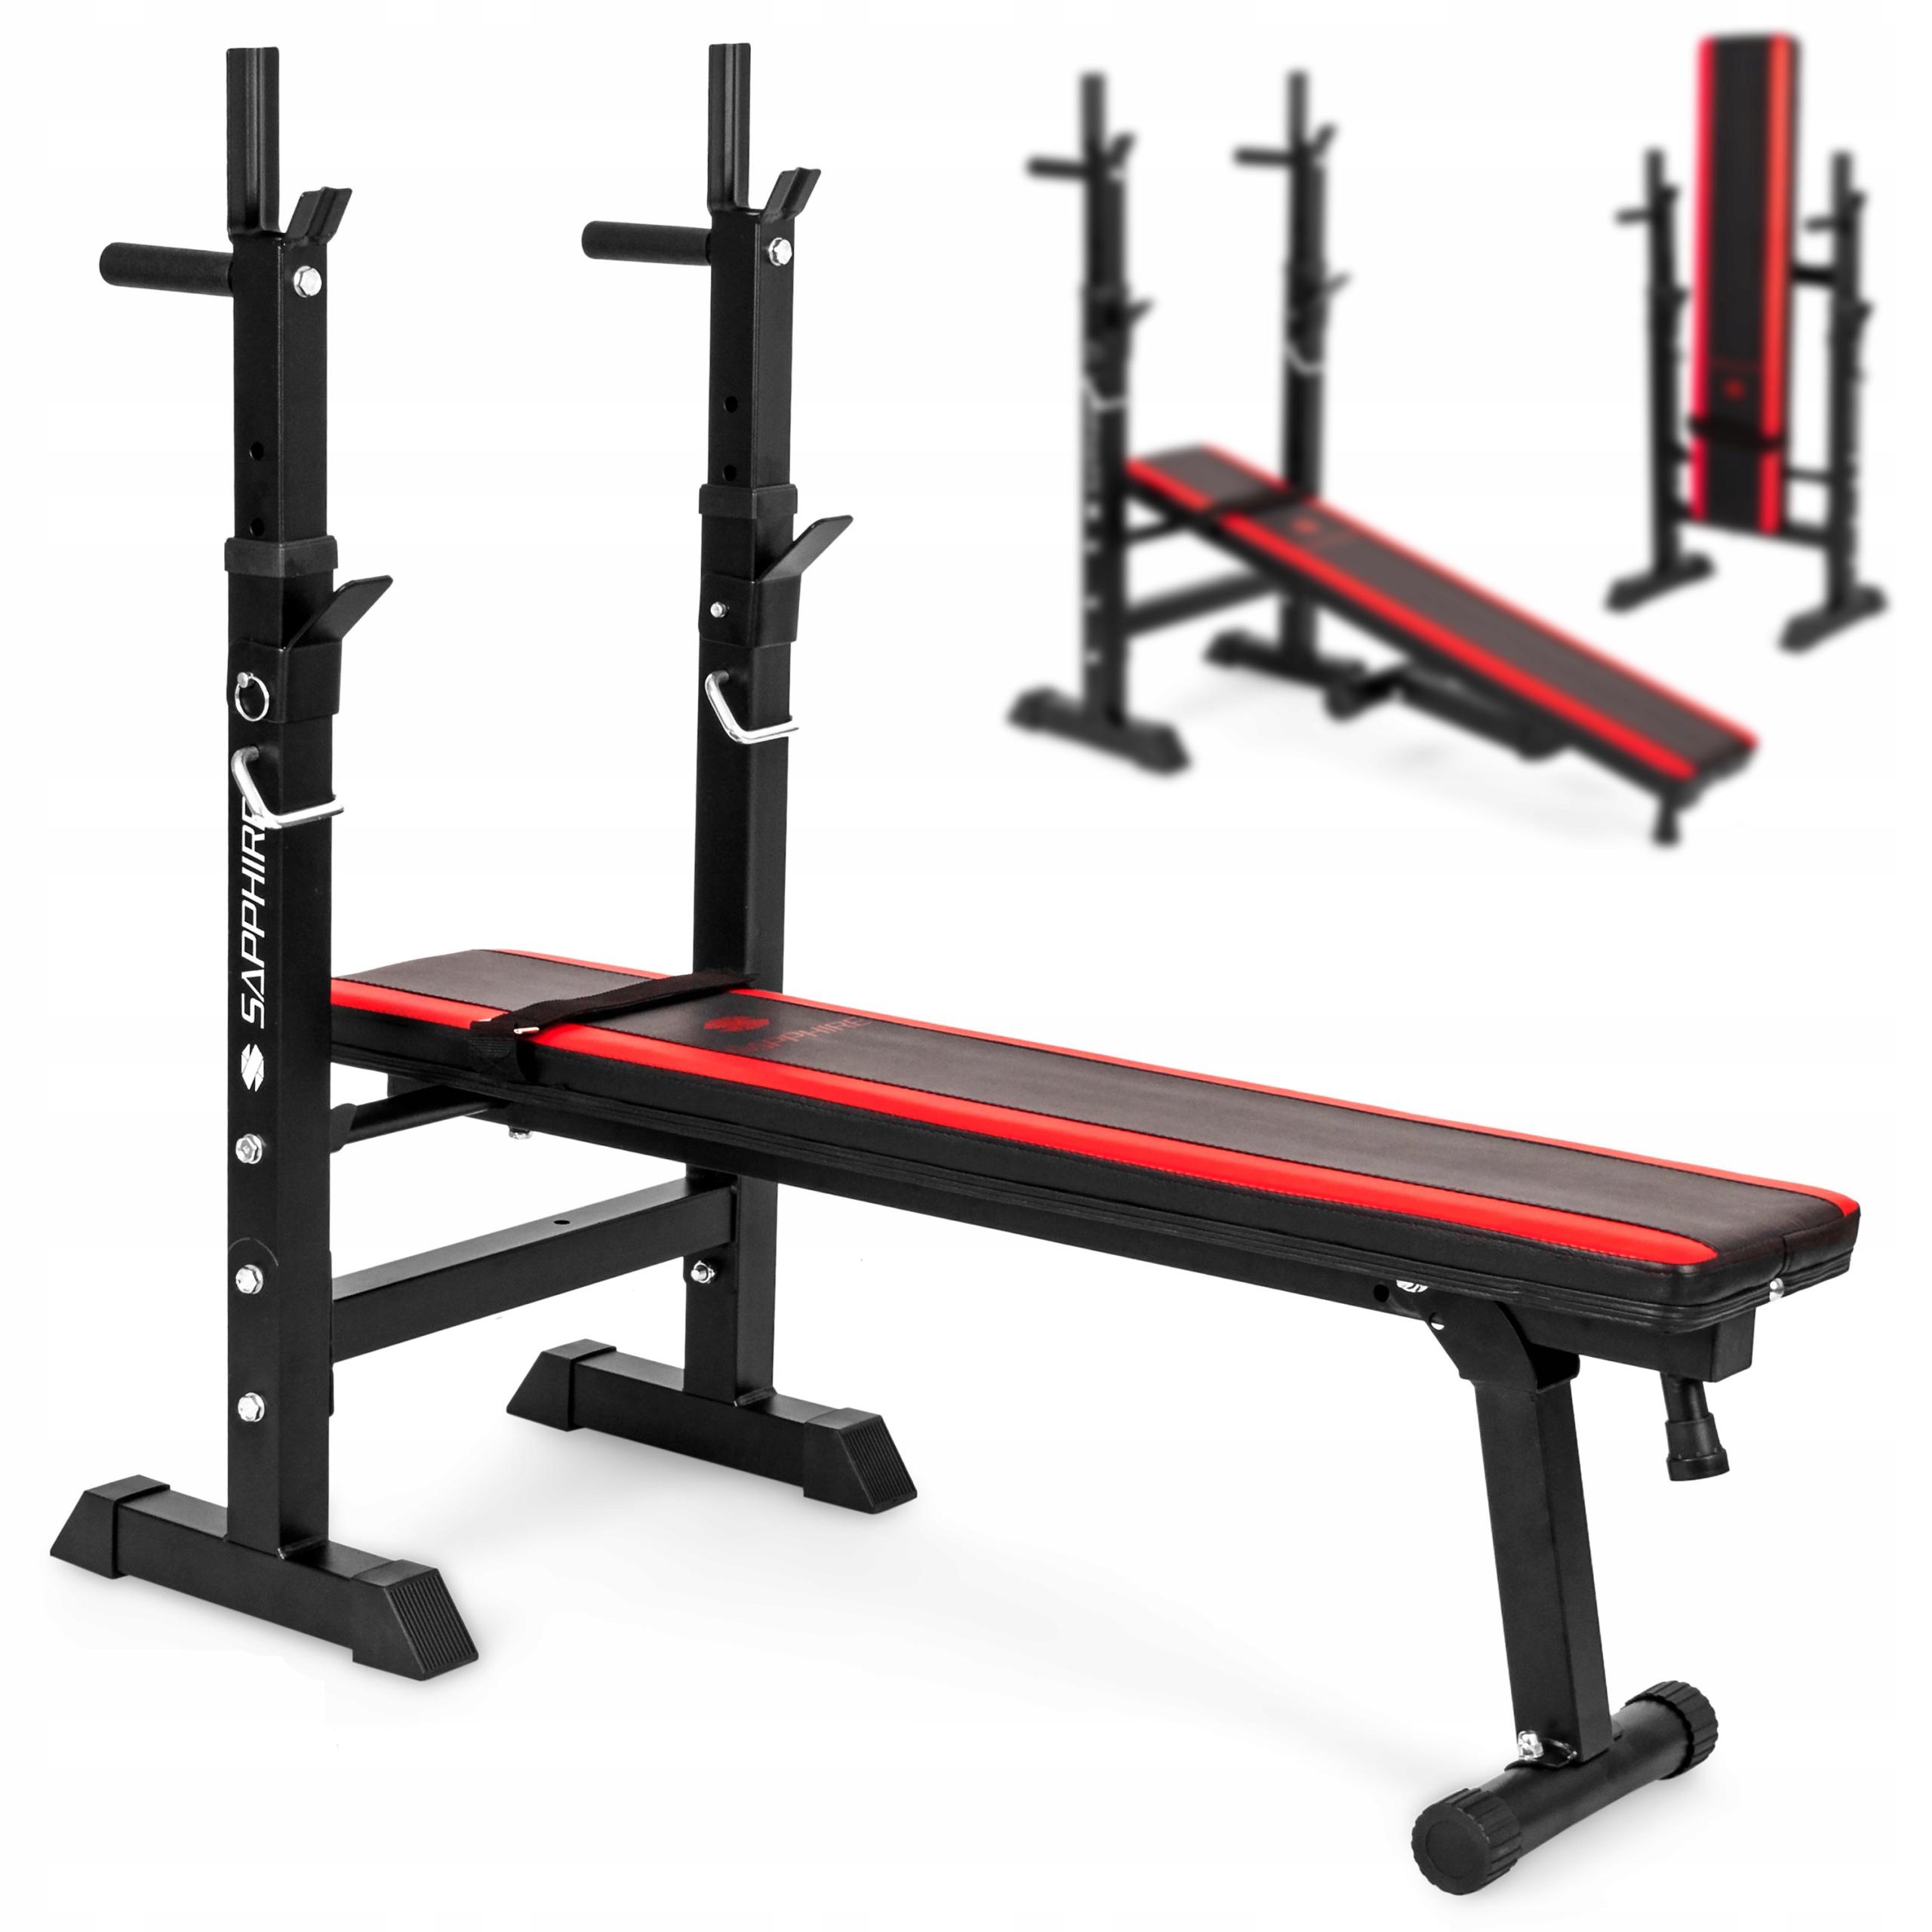 XYLO siłownia 36 kg zestaw ŁAWKA+GRYFY+OBCIĄŻENIA Kod producenta 36_xg25